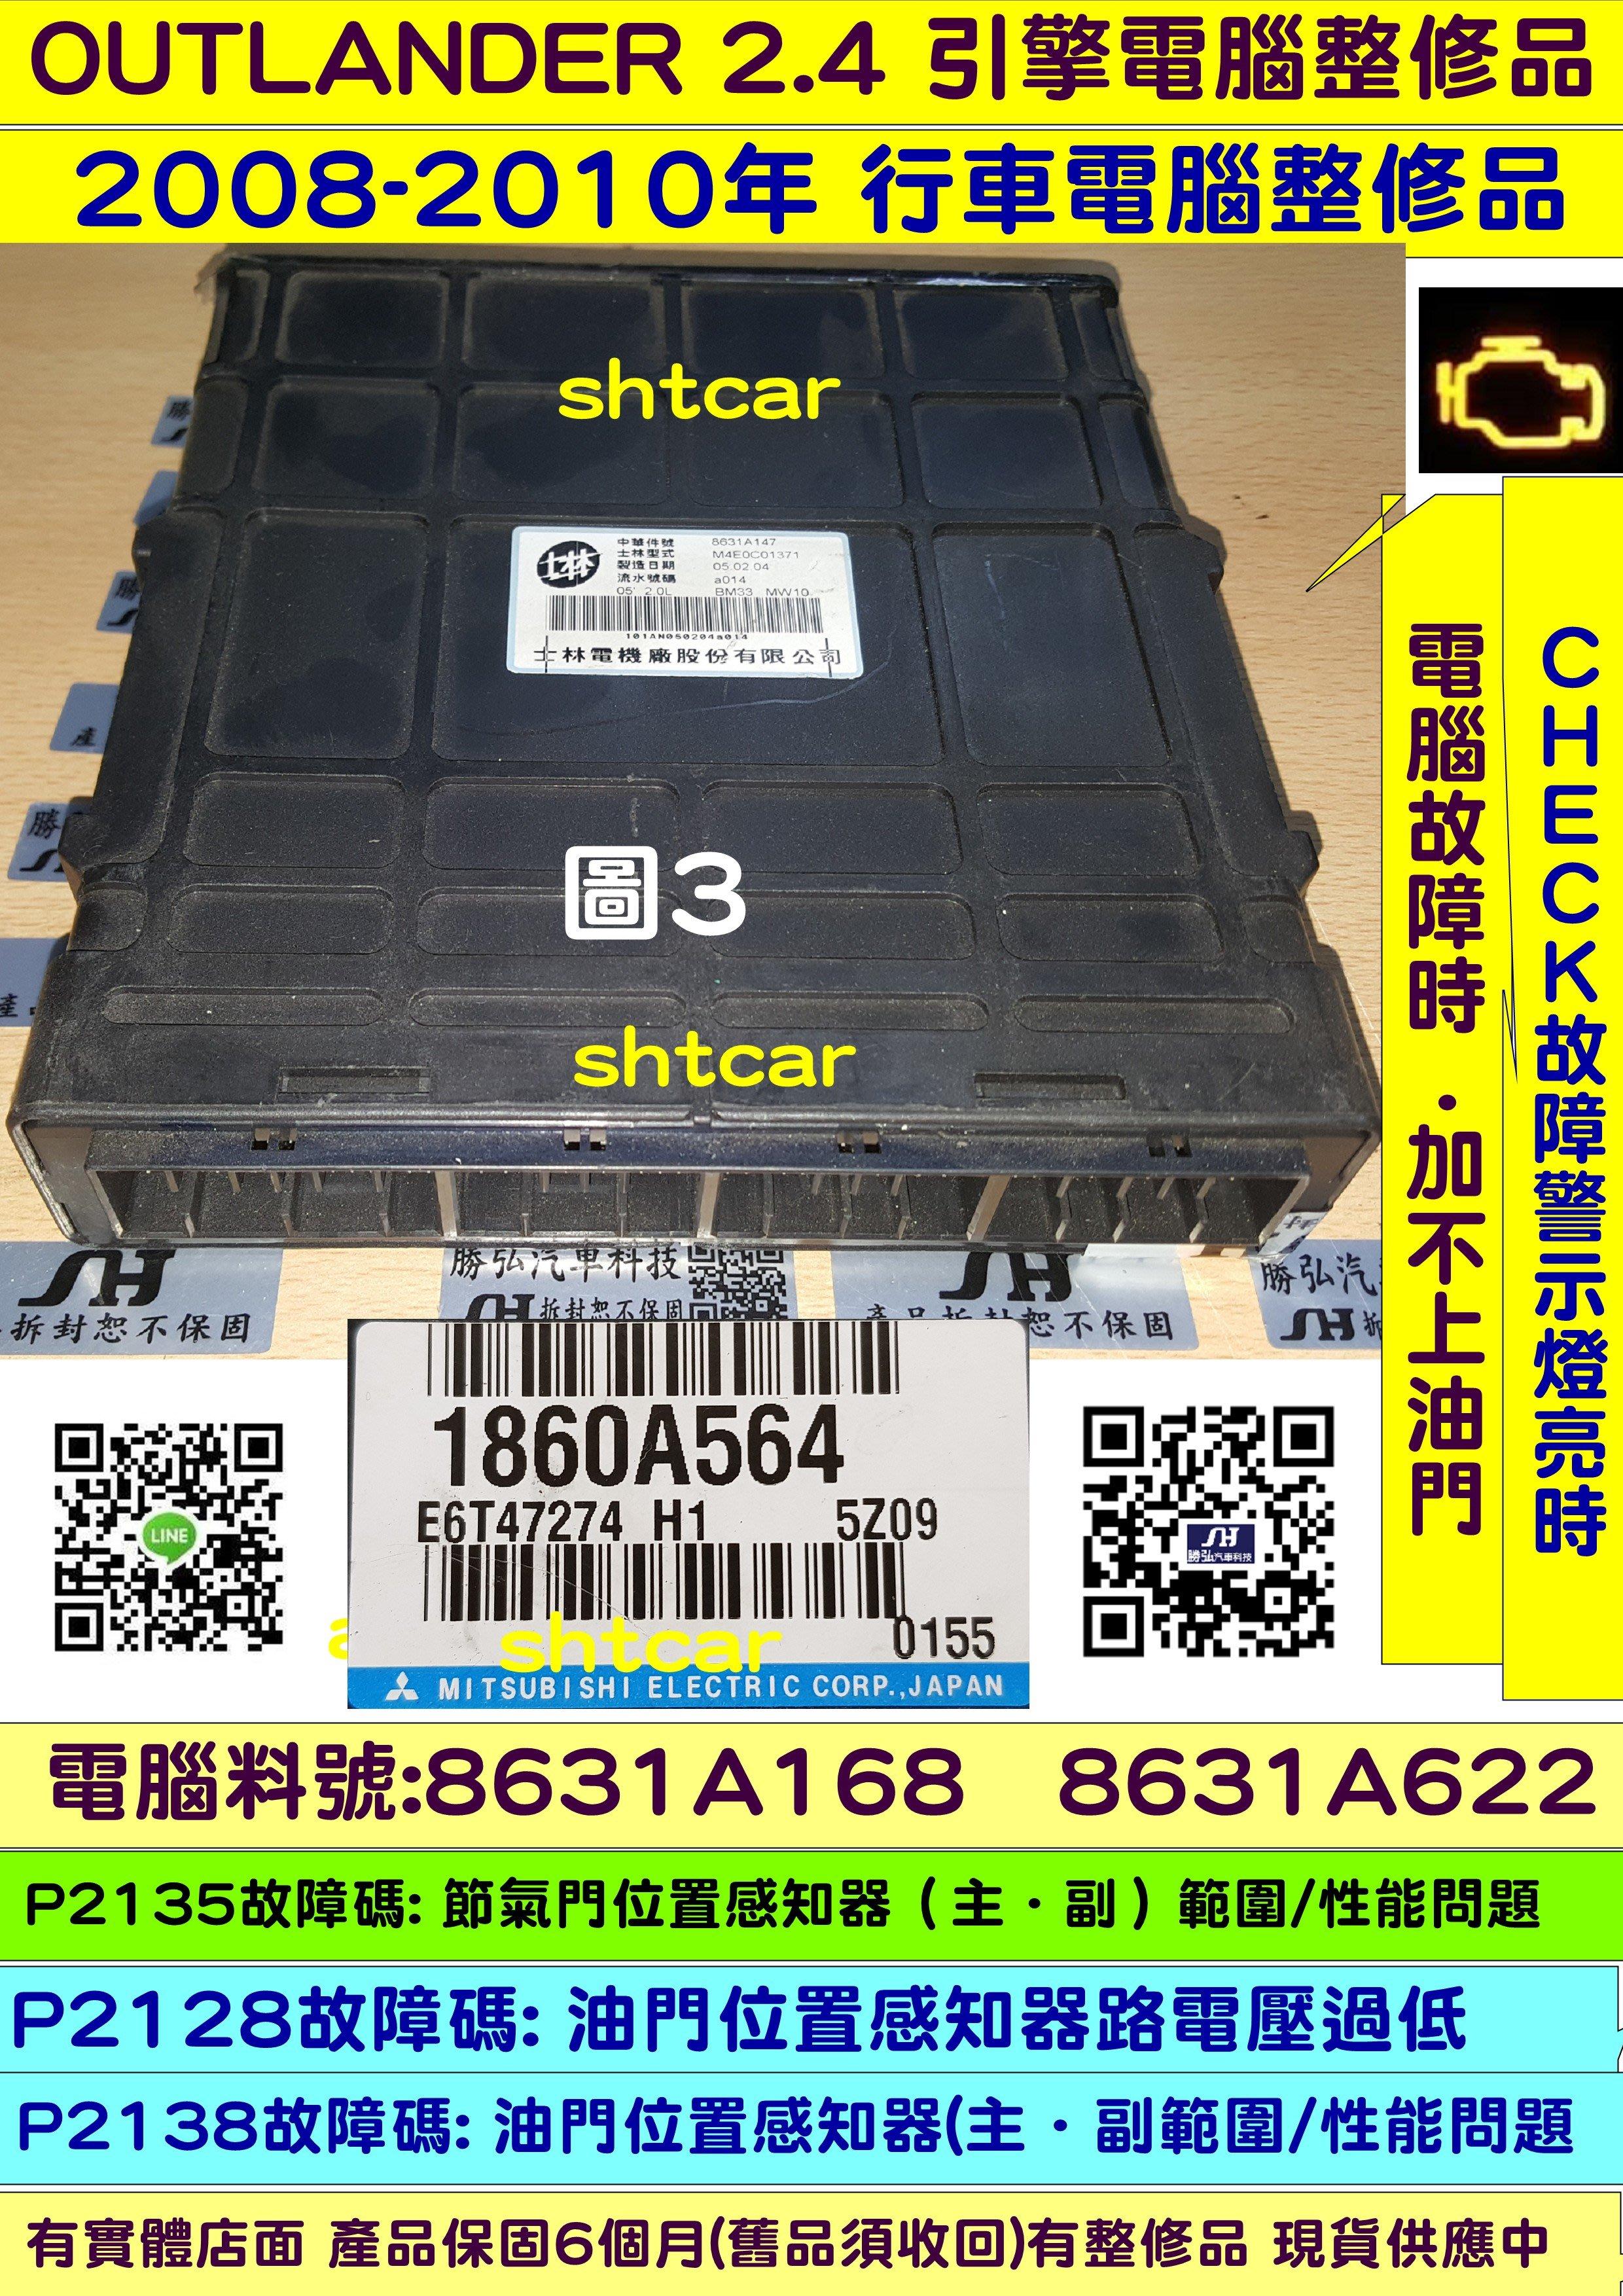 三菱 OUTLANDER 2.4  引擎電腦 2010-  1960C289 ECM ECU 行車電腦 維修   圖3